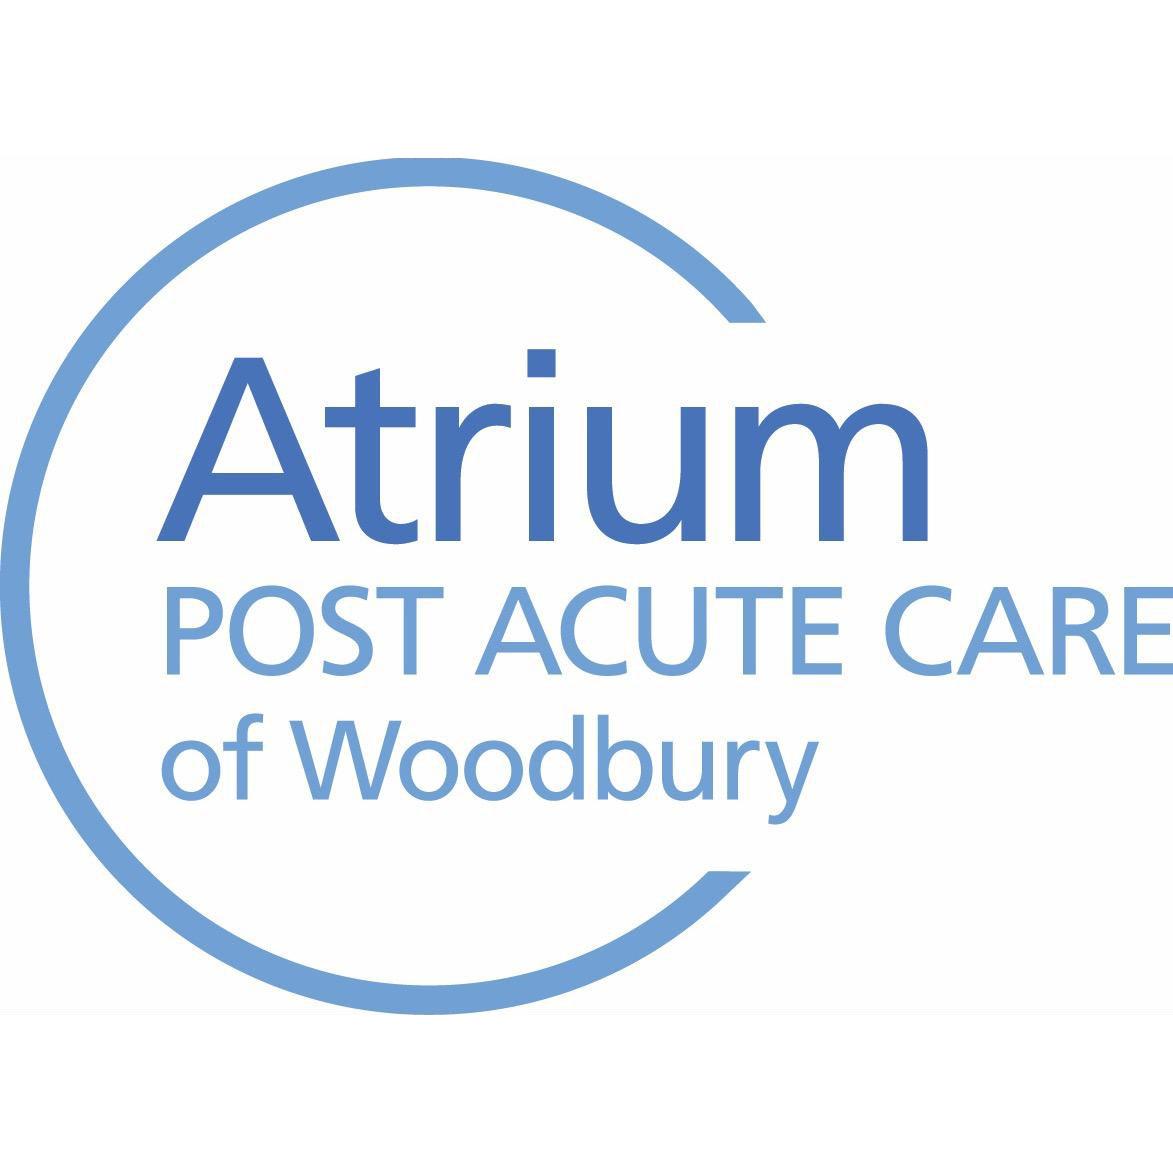 Atrium Post Acute Care of Woodbury